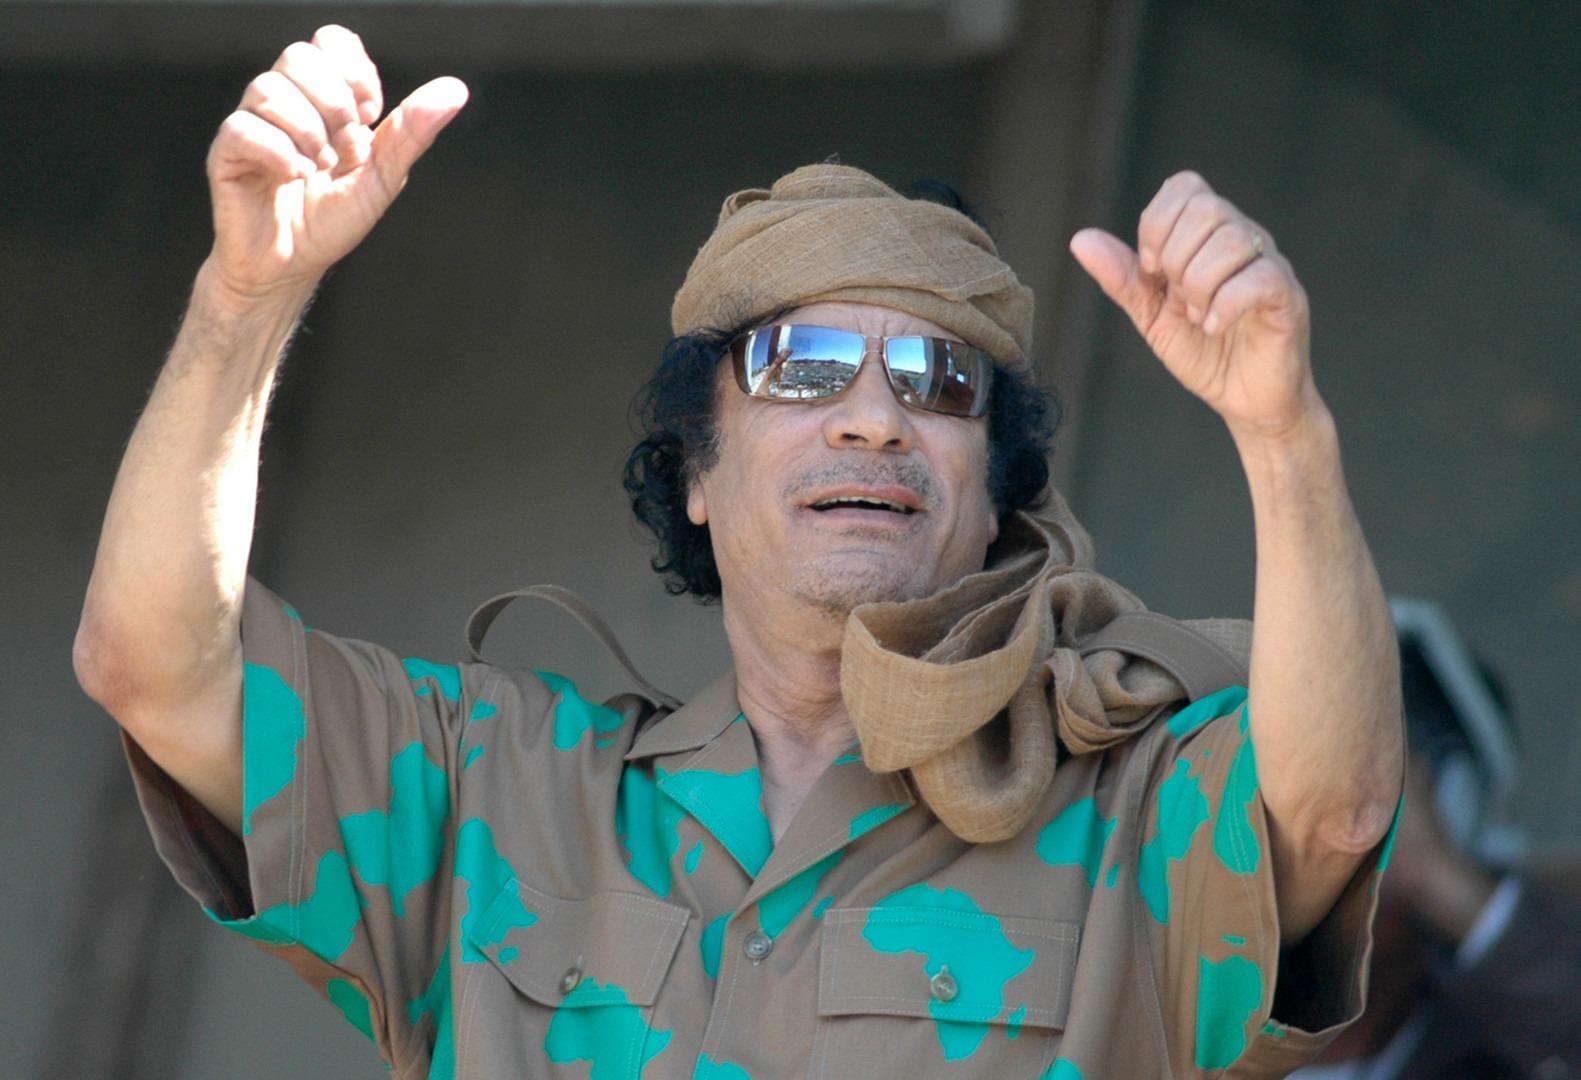 «مهووسون في السلطة.. تحليل نفسي لزعماء استهدفتهم ثورات 2011» القذافي